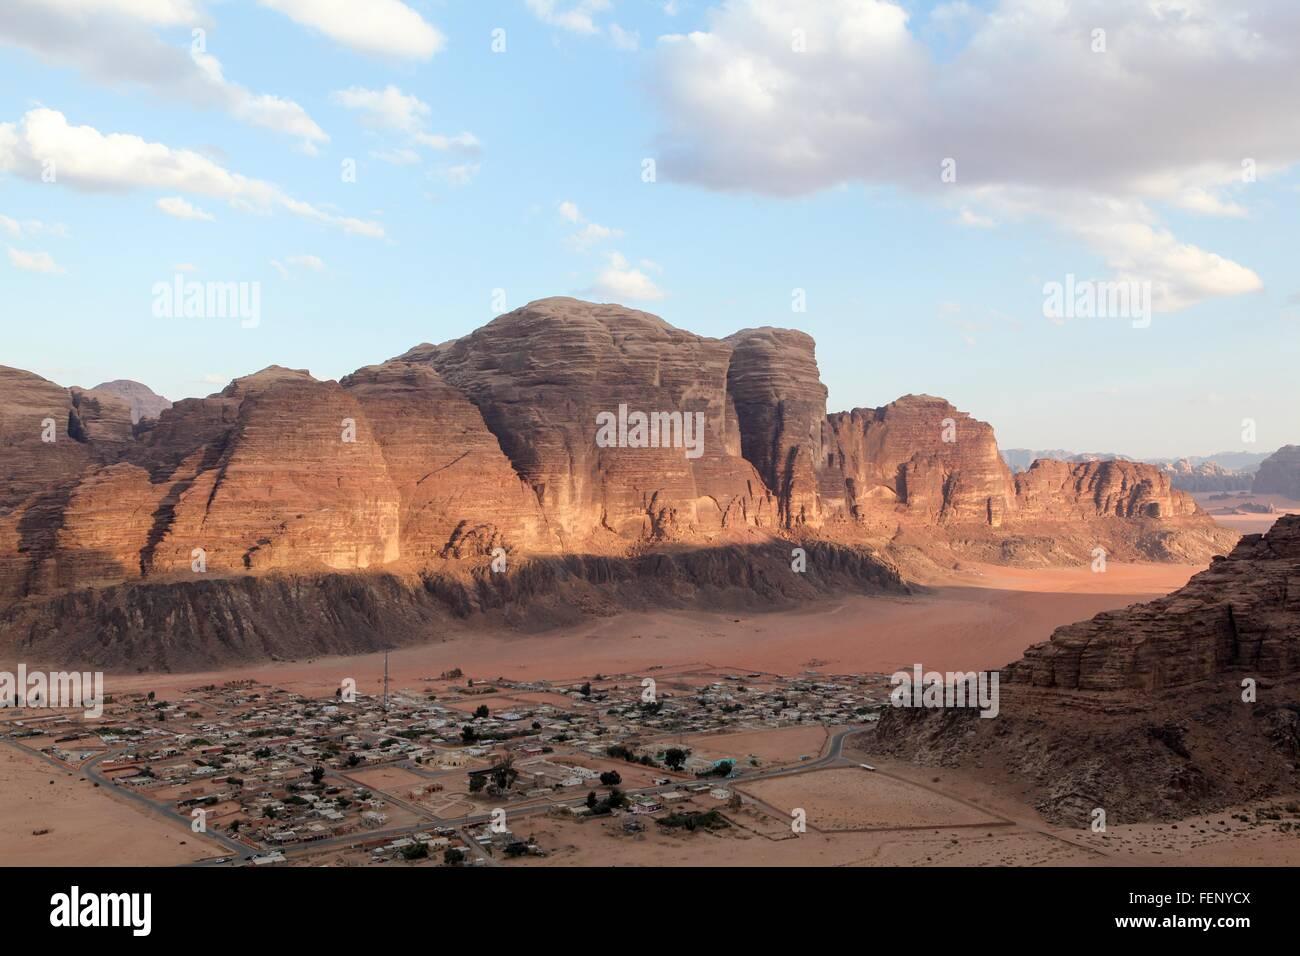 Vista in elevazione del borgo dalla gamma della montagna, Wadi Ram, Giordania Immagini Stock